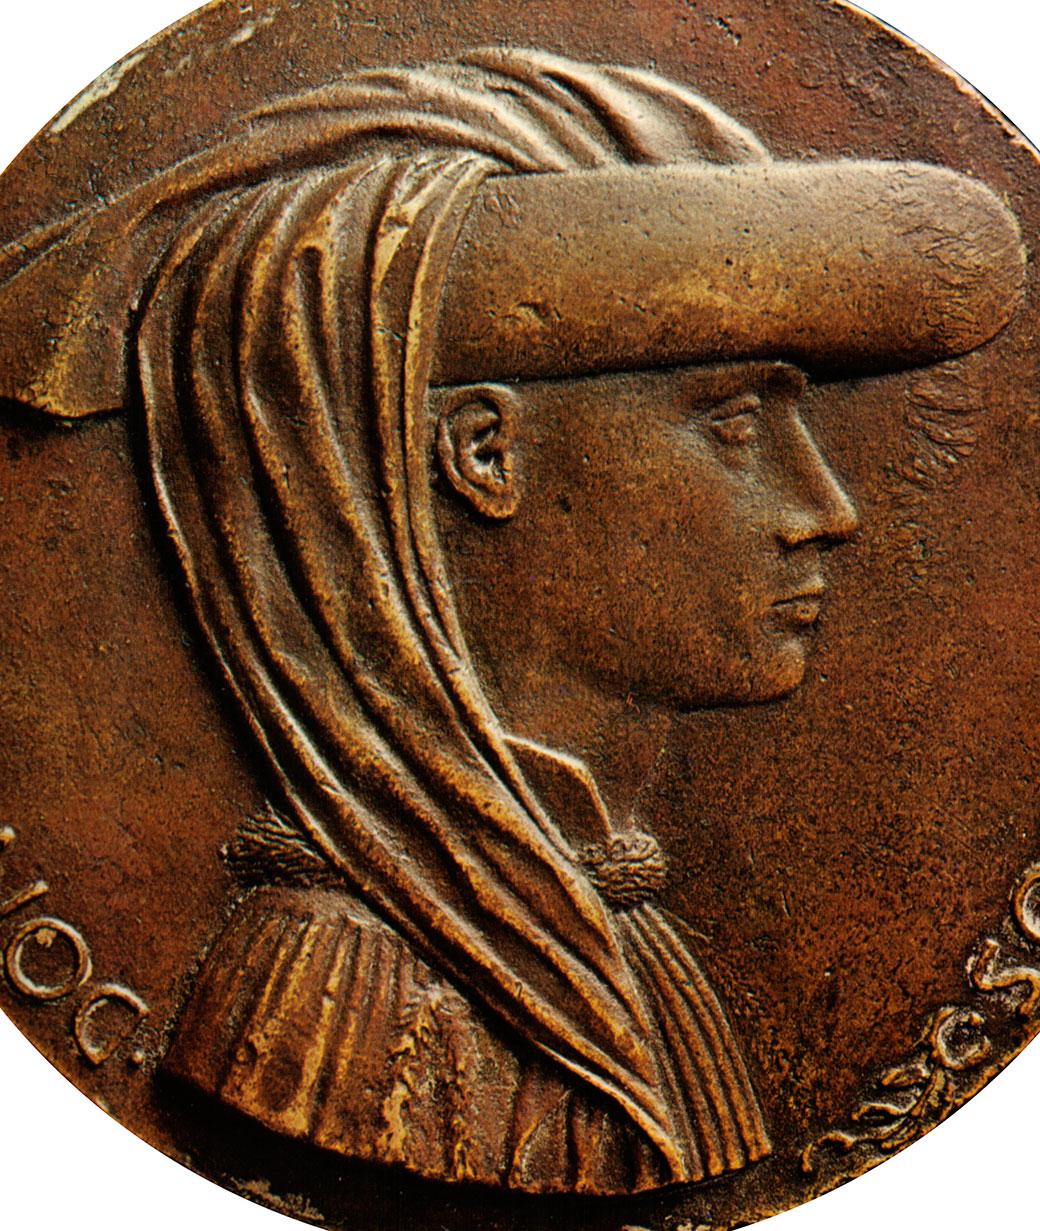 """Enyego d'Àvalos, gran camarlengo de Alfonso el Magnánimo y autor de """"Curial e Güelfa"""", retratado en una medalla del Pisanello (Nápoles, 1449)"""